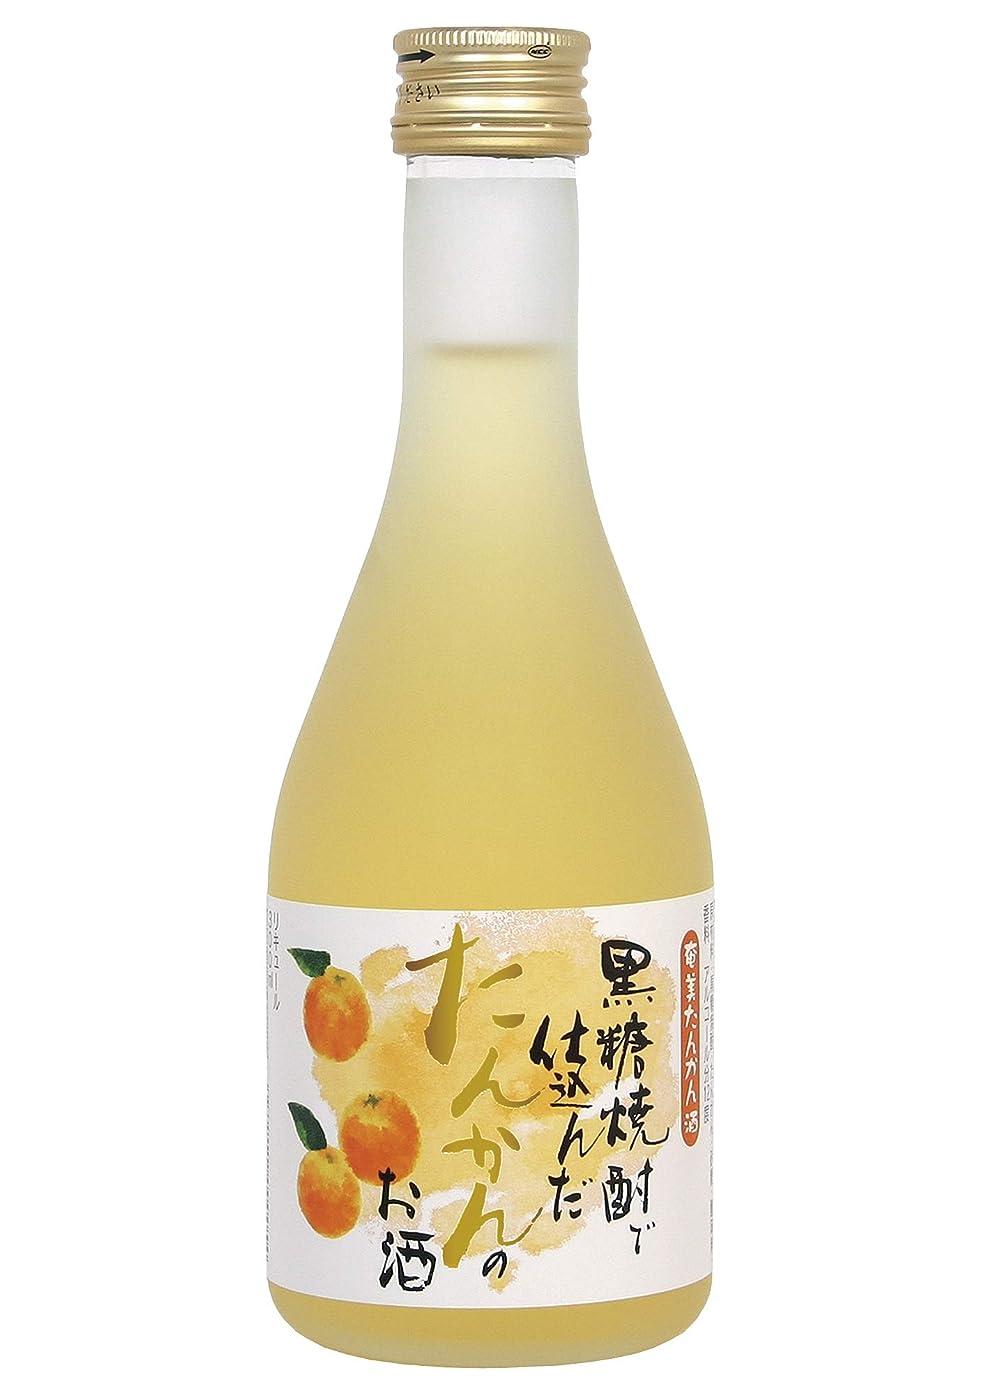 信条主導権取り除く町田酒造 奄美たんかん酒 12度 [ リキュール 300ml ]